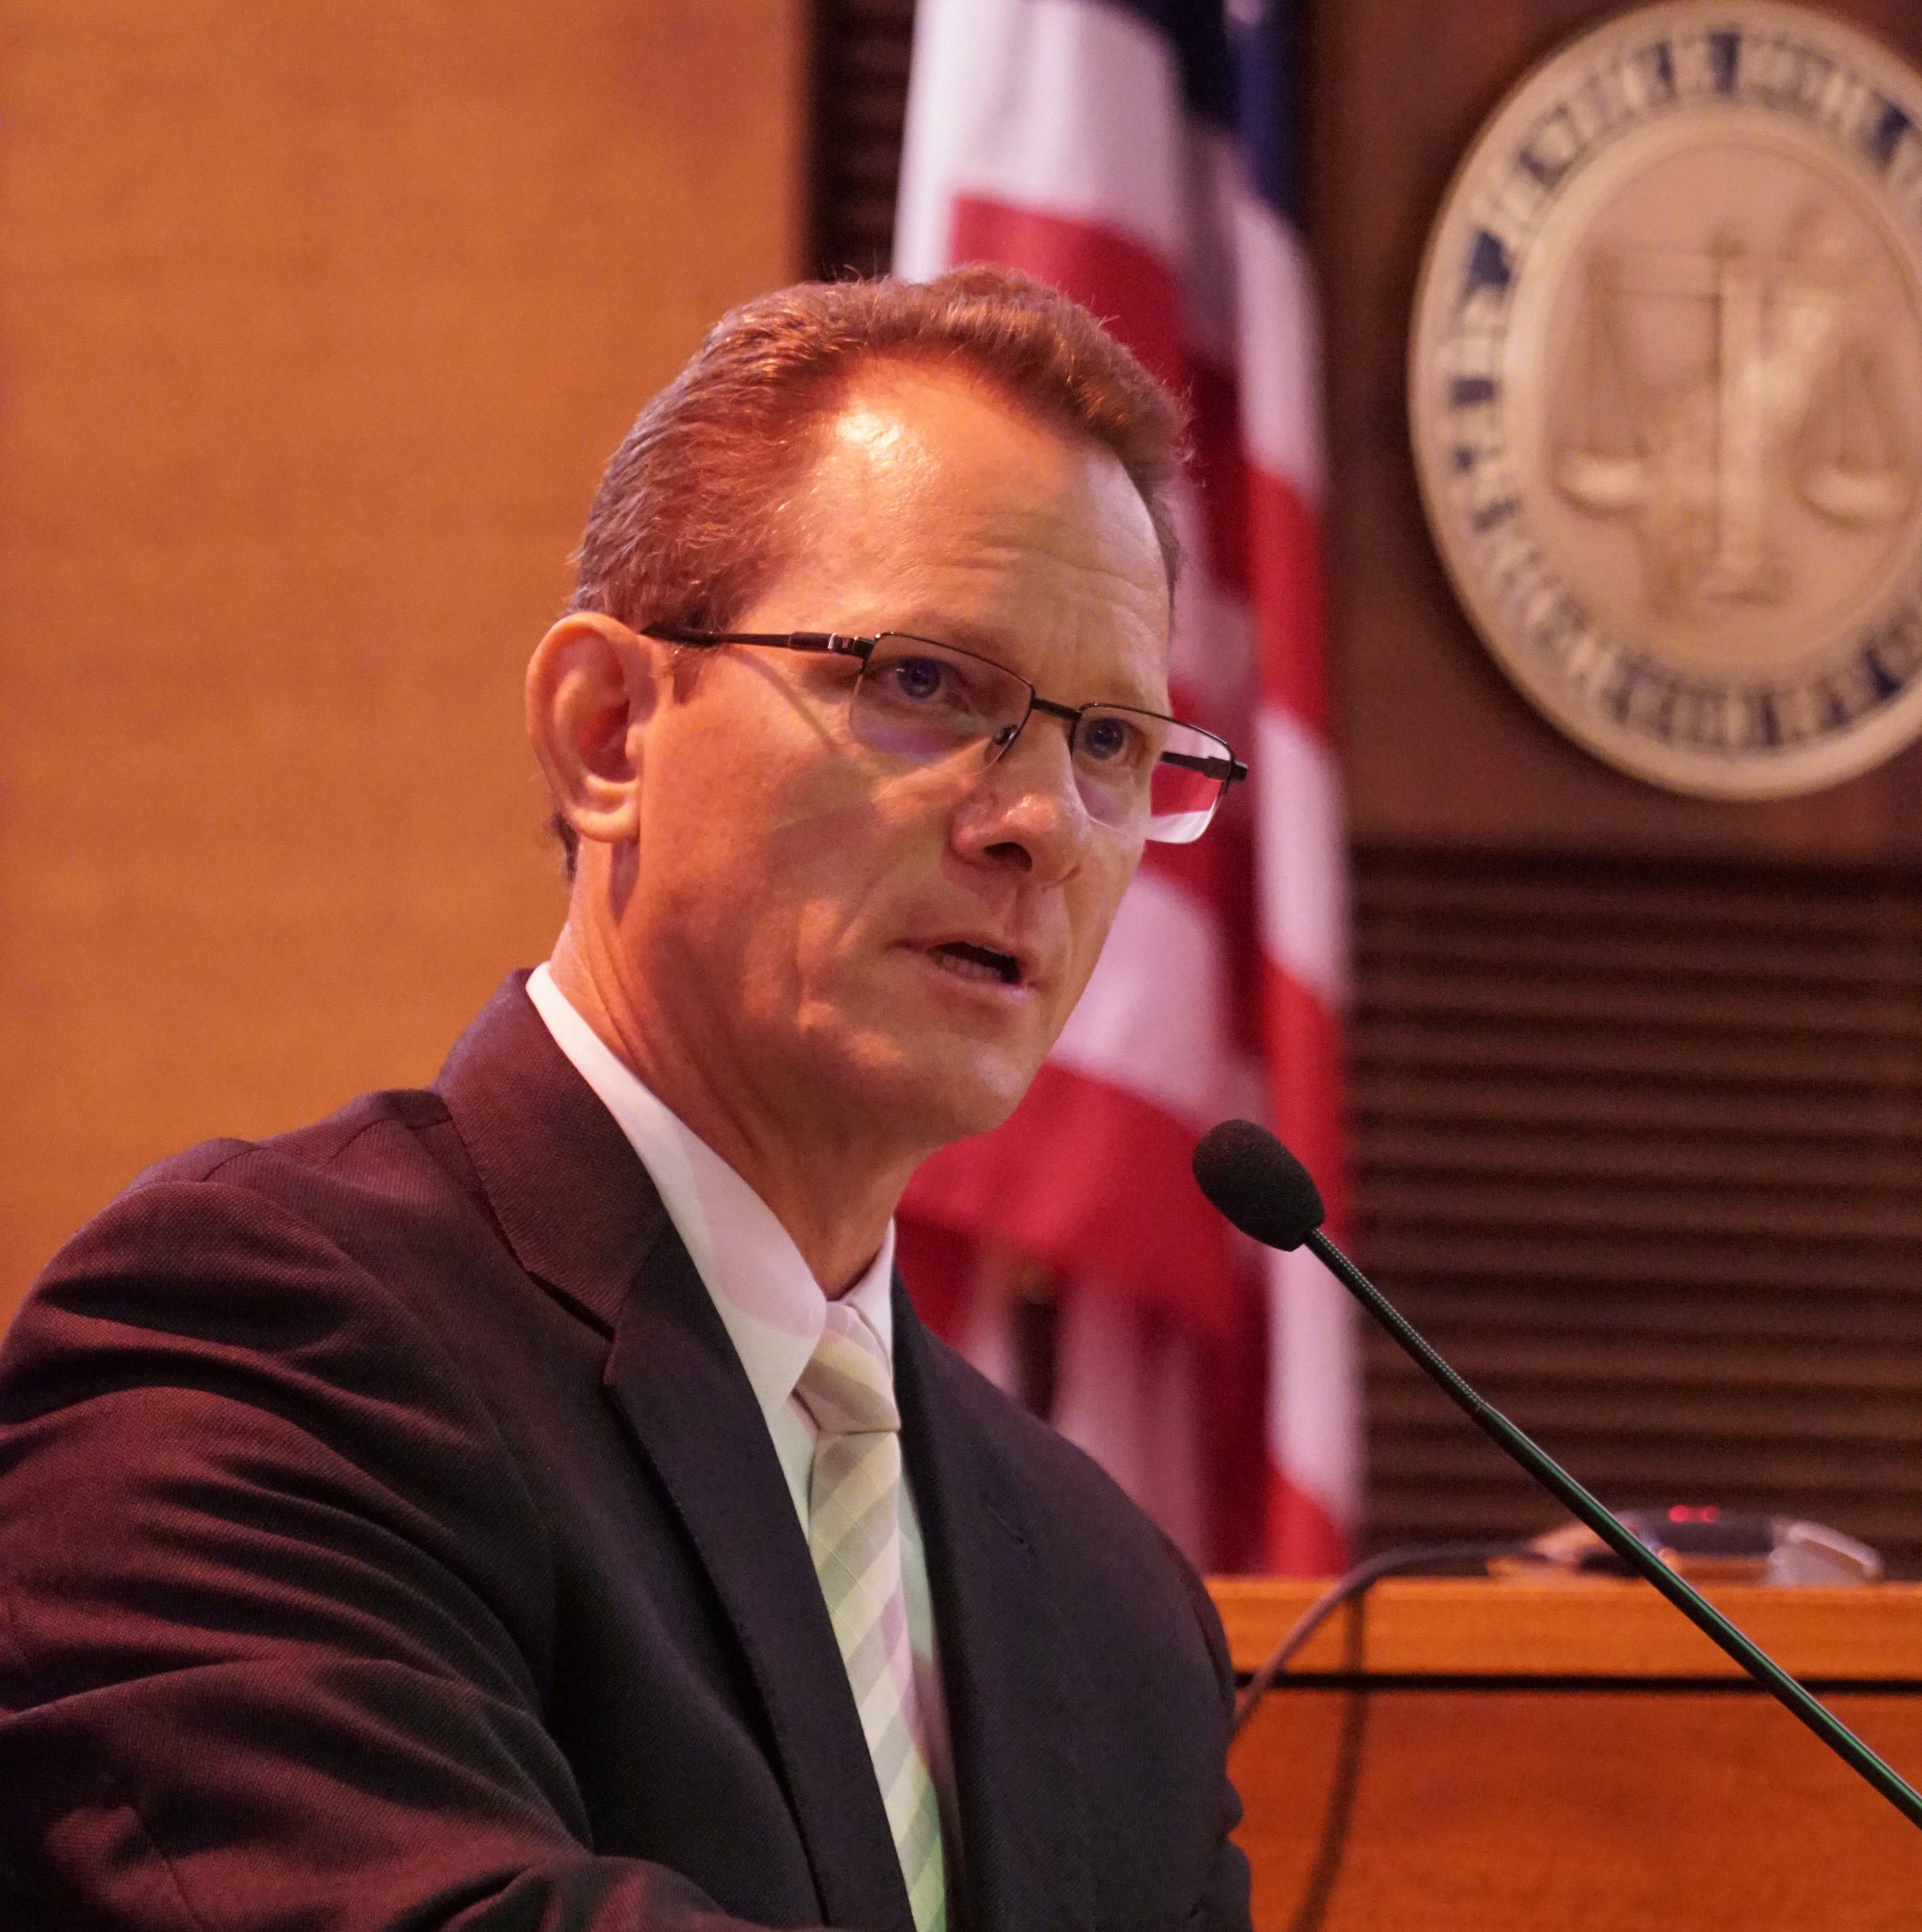 Ray Tenorio found not guilty in gun-grabbing case